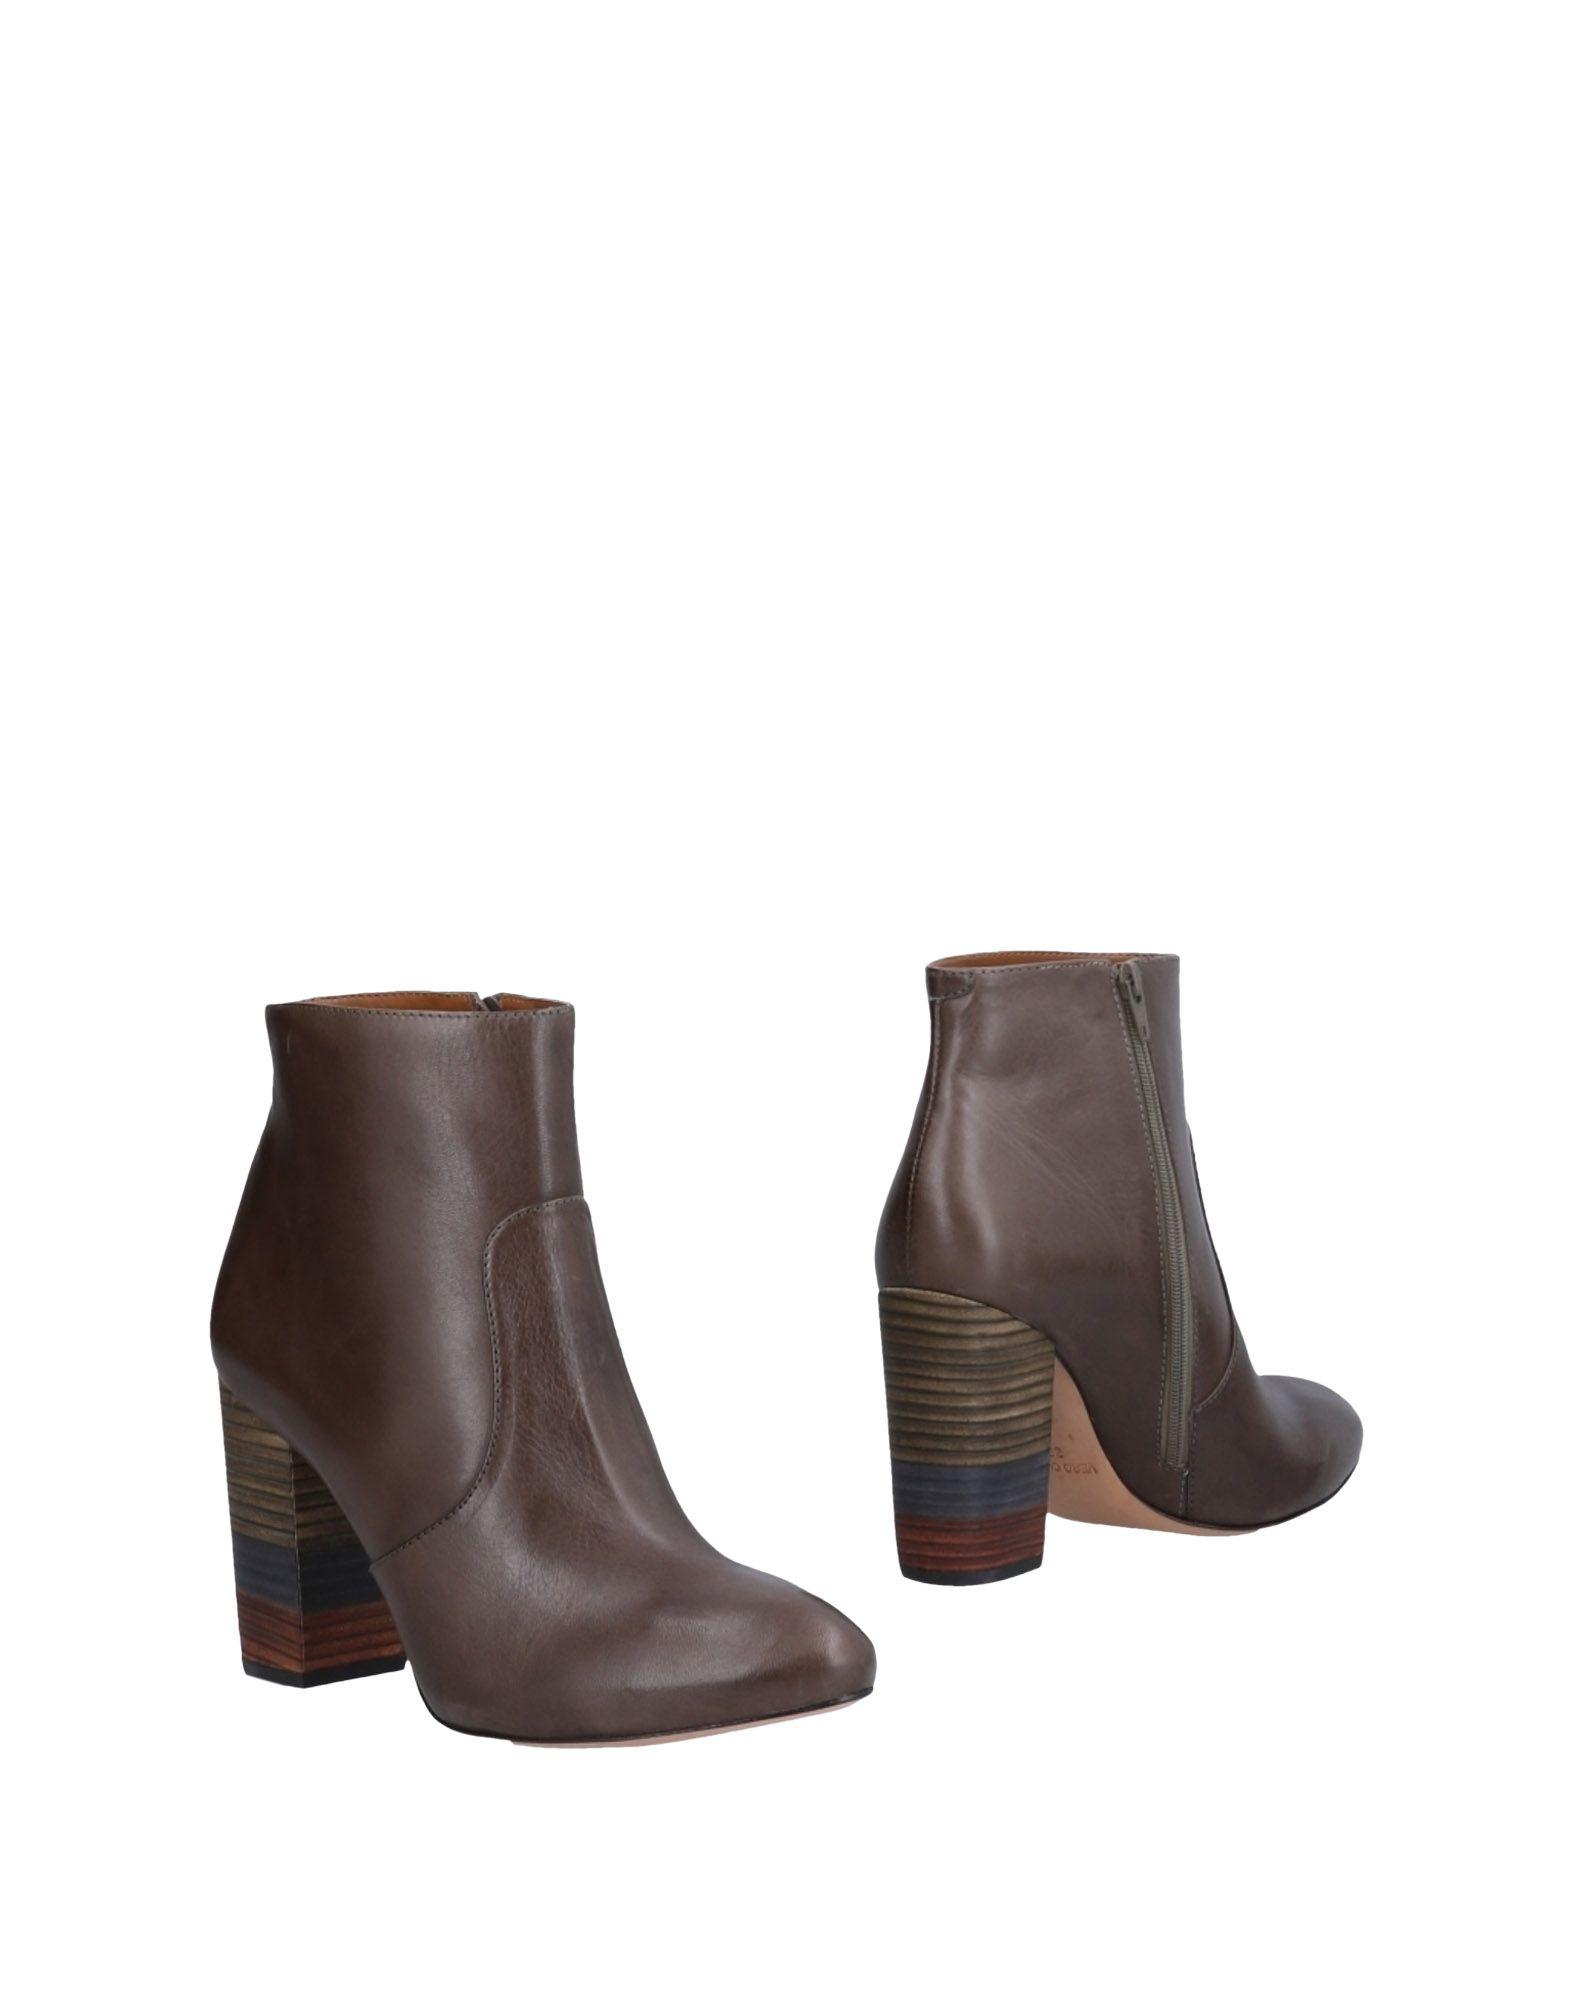 Cuoieria Stiefelette Damen  11483303NB Gute Qualität beliebte Schuhe